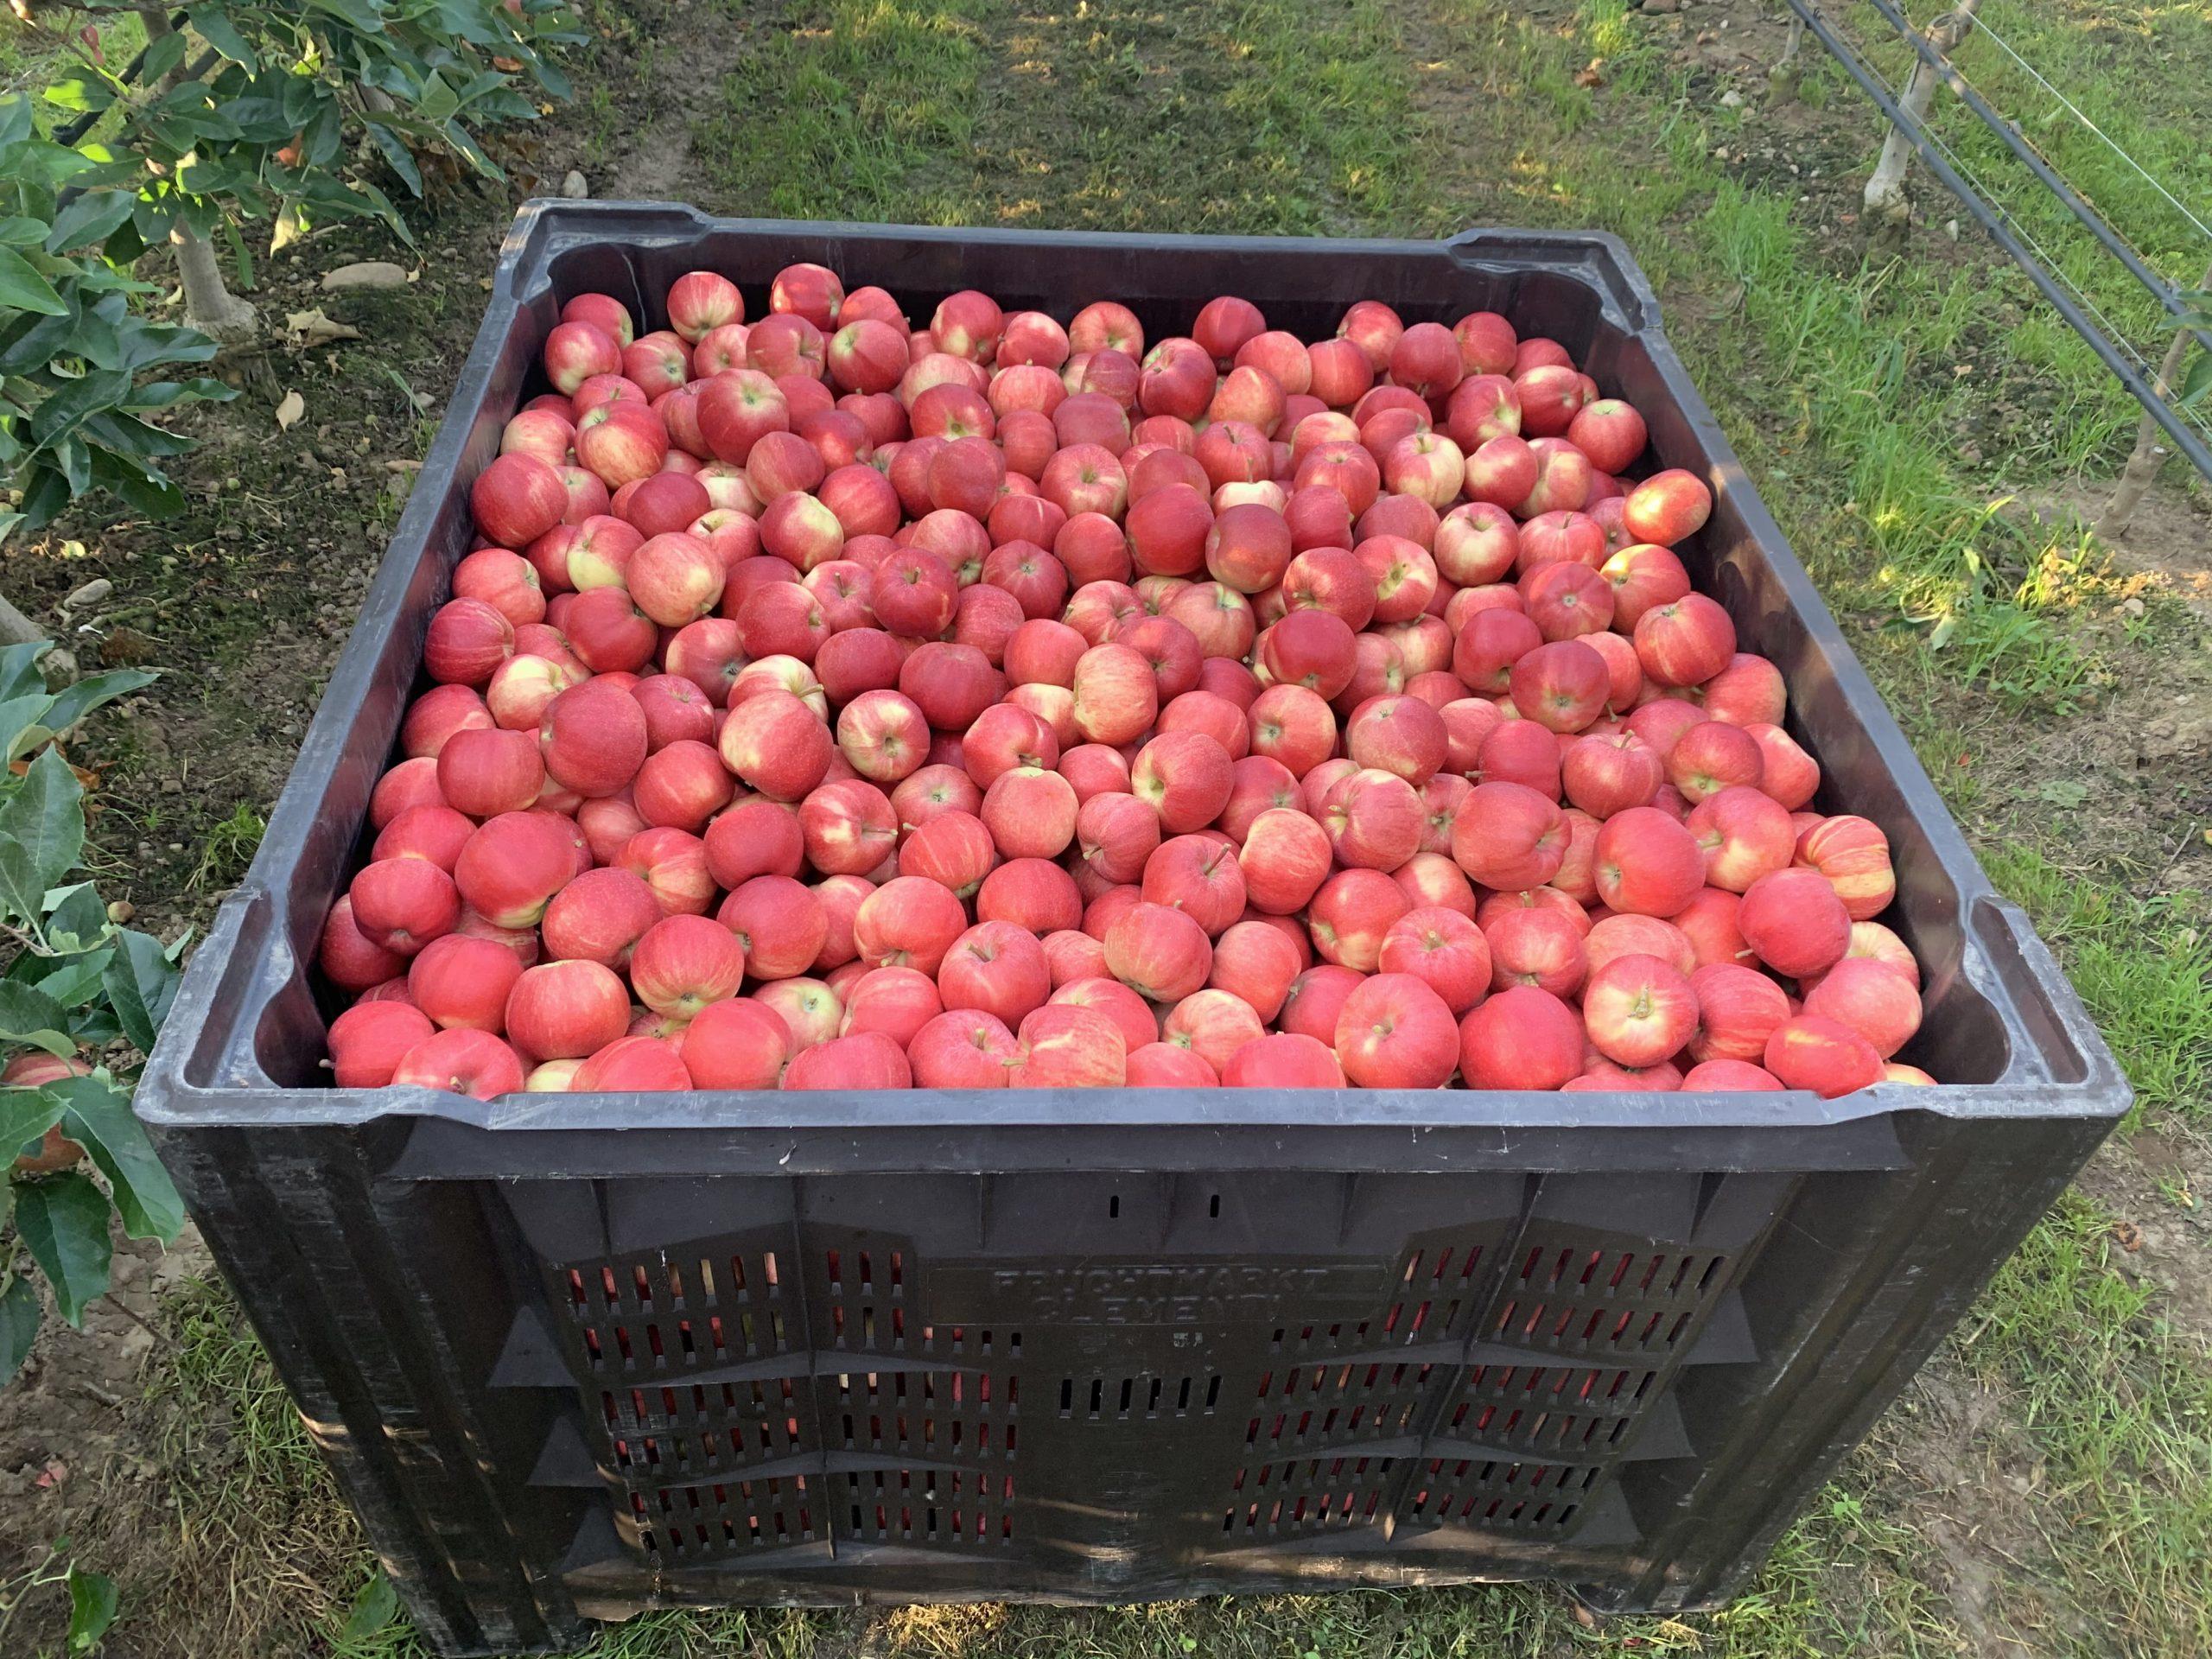 European apple leaders set sights on Asia